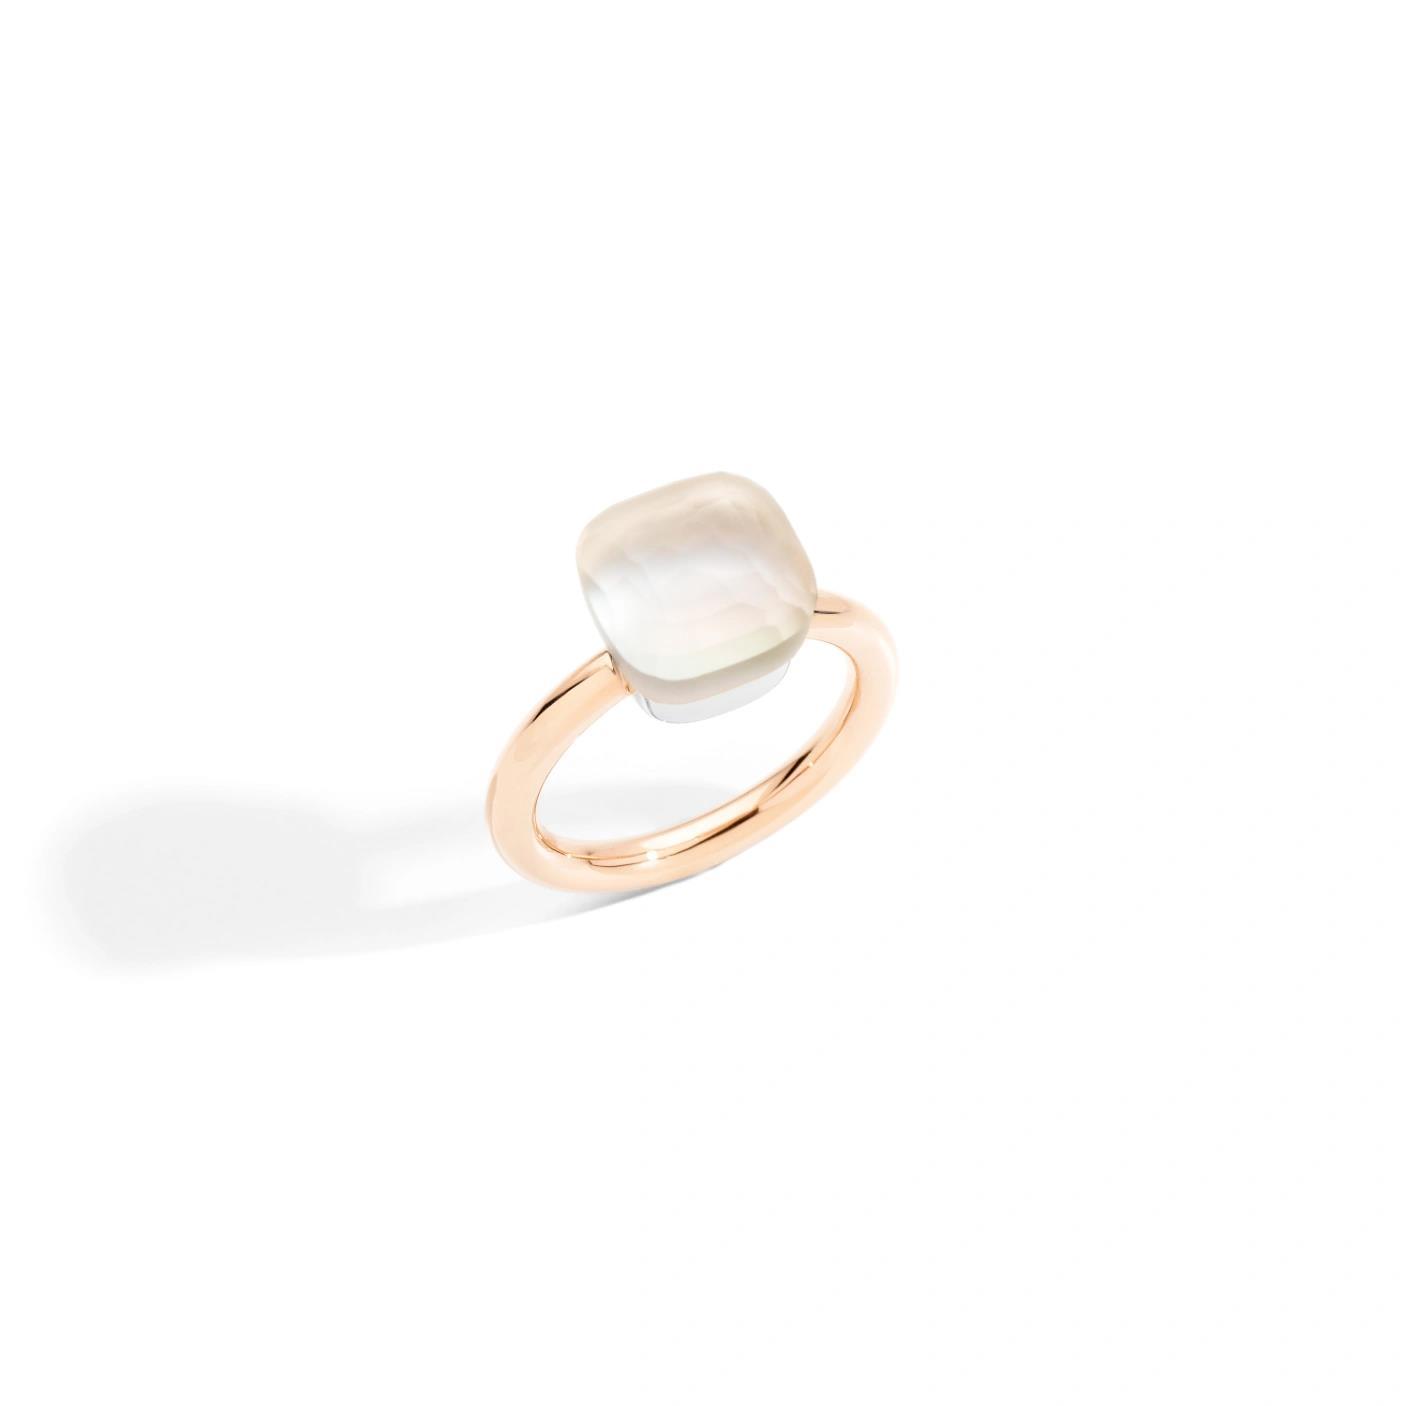 Ring Nudo Gelé weißer Topas - Pomellato - PAA1100_O6000_STBMP